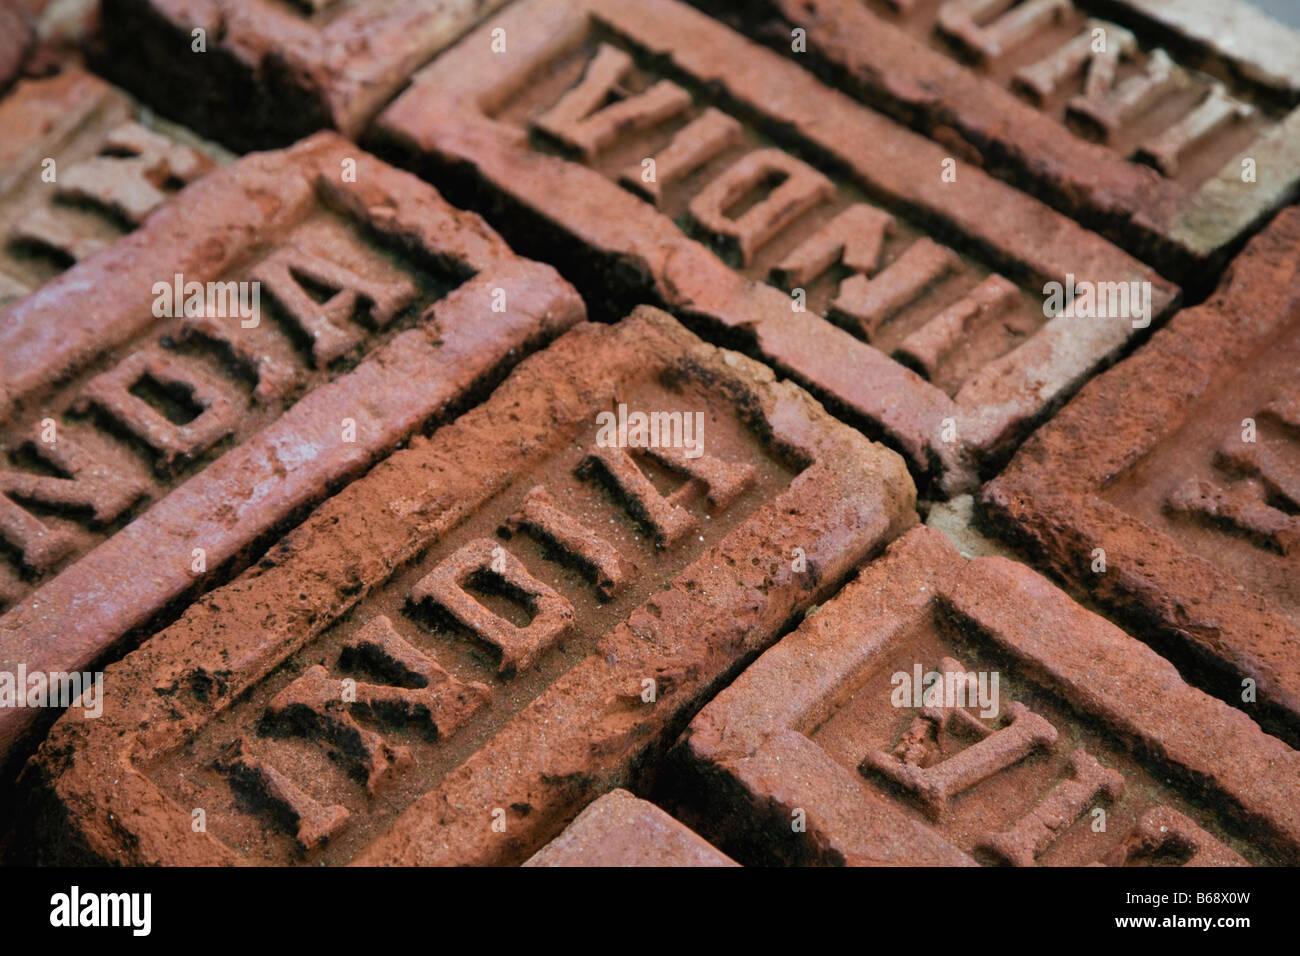 Bricks from India, full frame - Stock Image